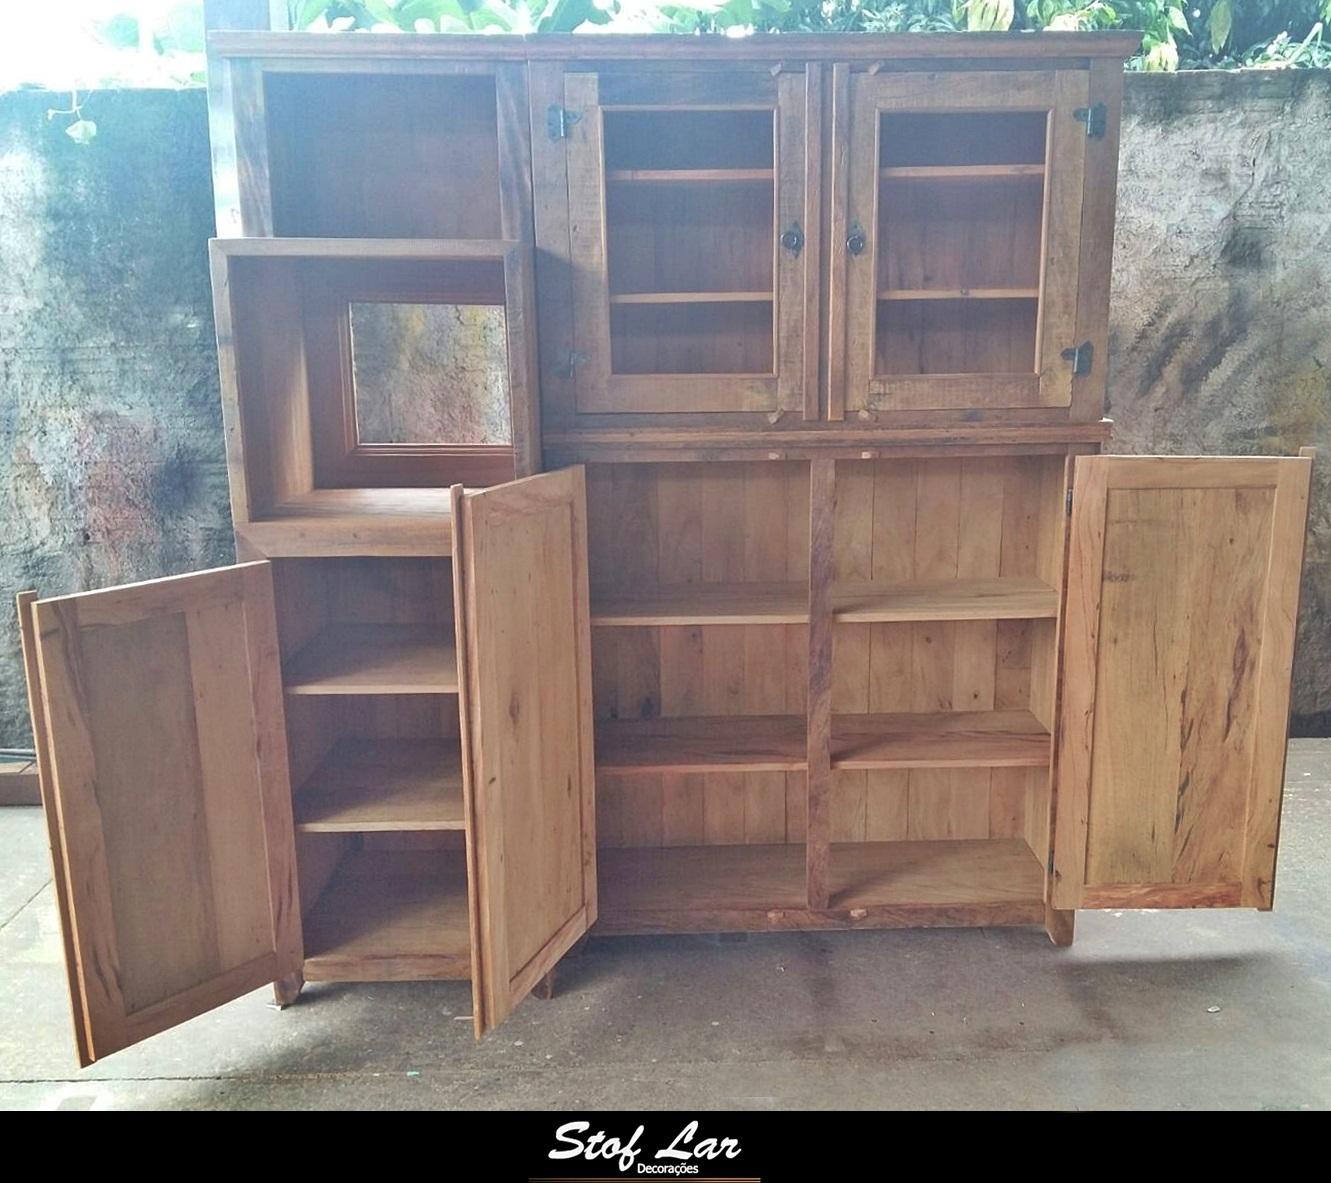 Stof lar decora es m veis em madeira de demoli o - Armarios de plastico para exteriores ...